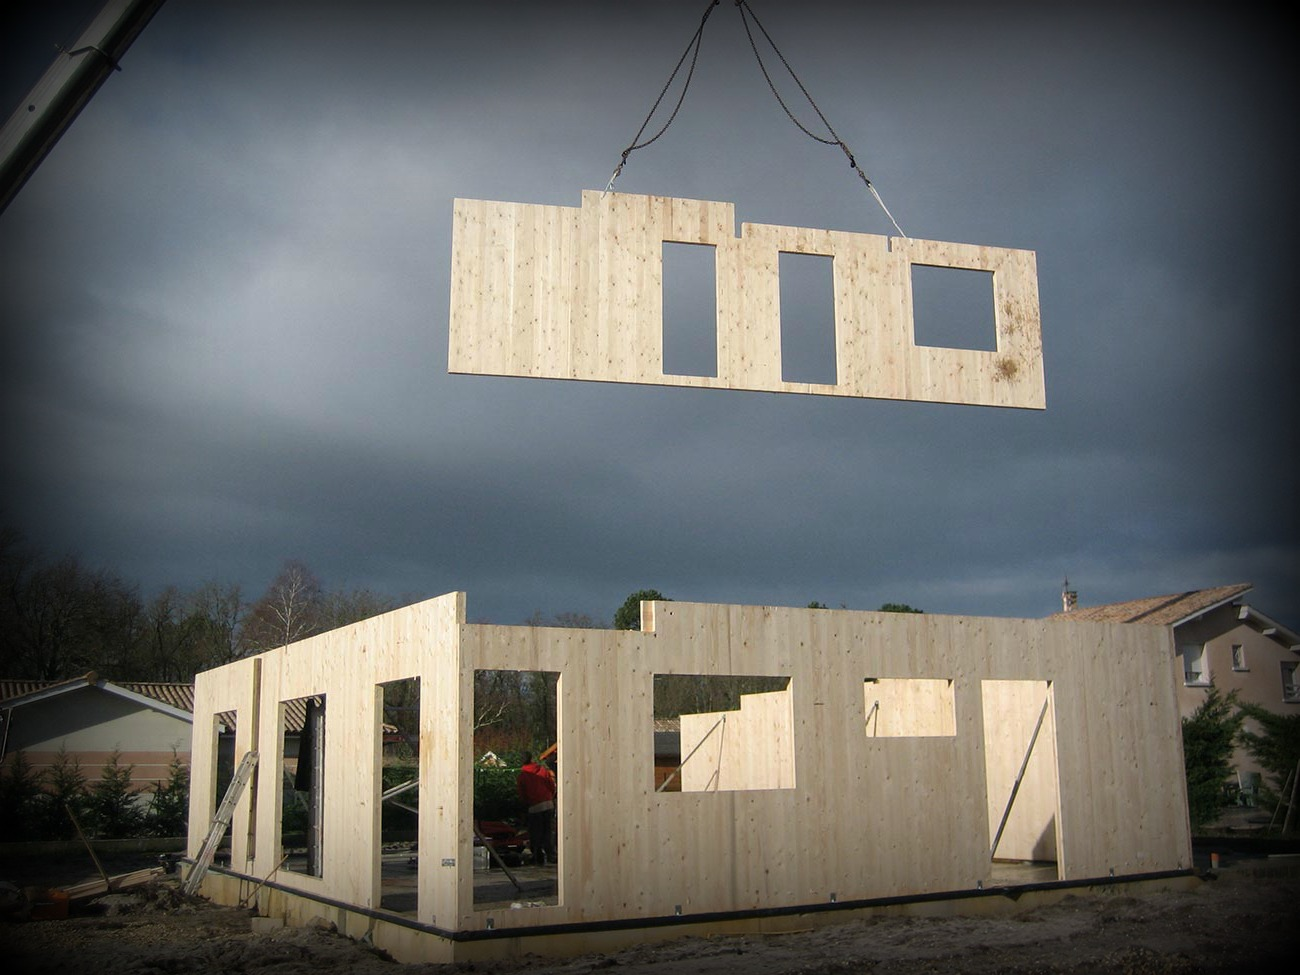 Constructeur maison klh - Constructeur maison annecy ...